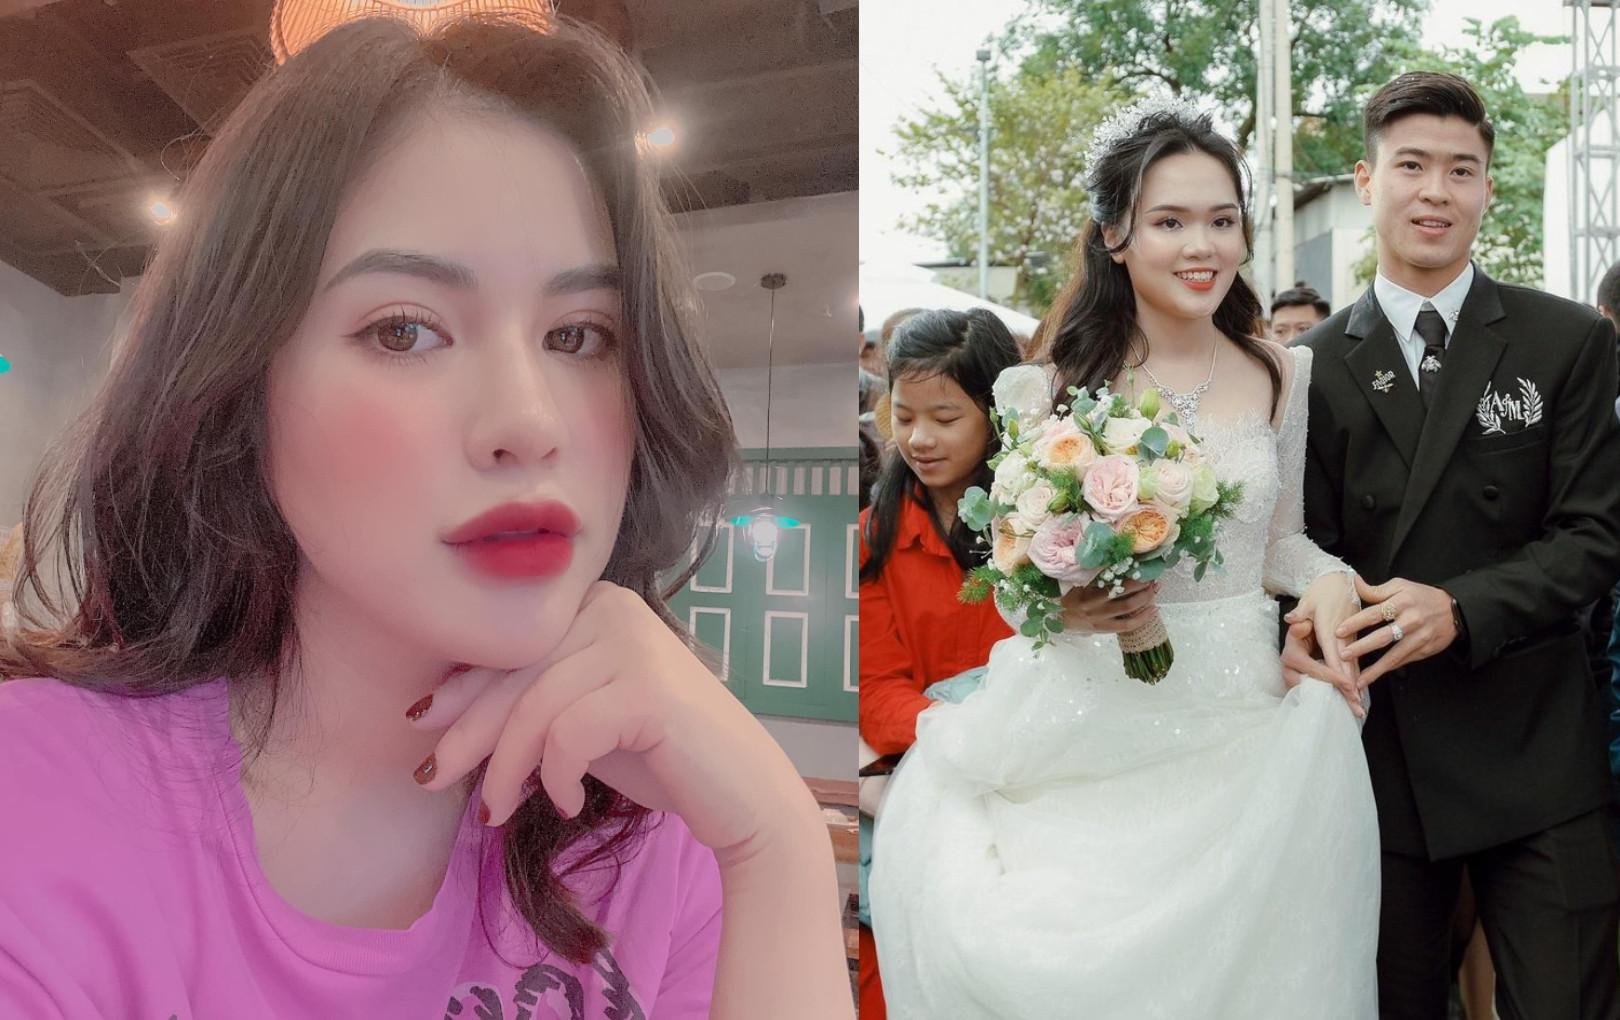 """Vợ cũ Việt Anh bất ngờ phát ngôn gây tranh cãi: """"Đã bảo đừng tin ngôn tình"""""""